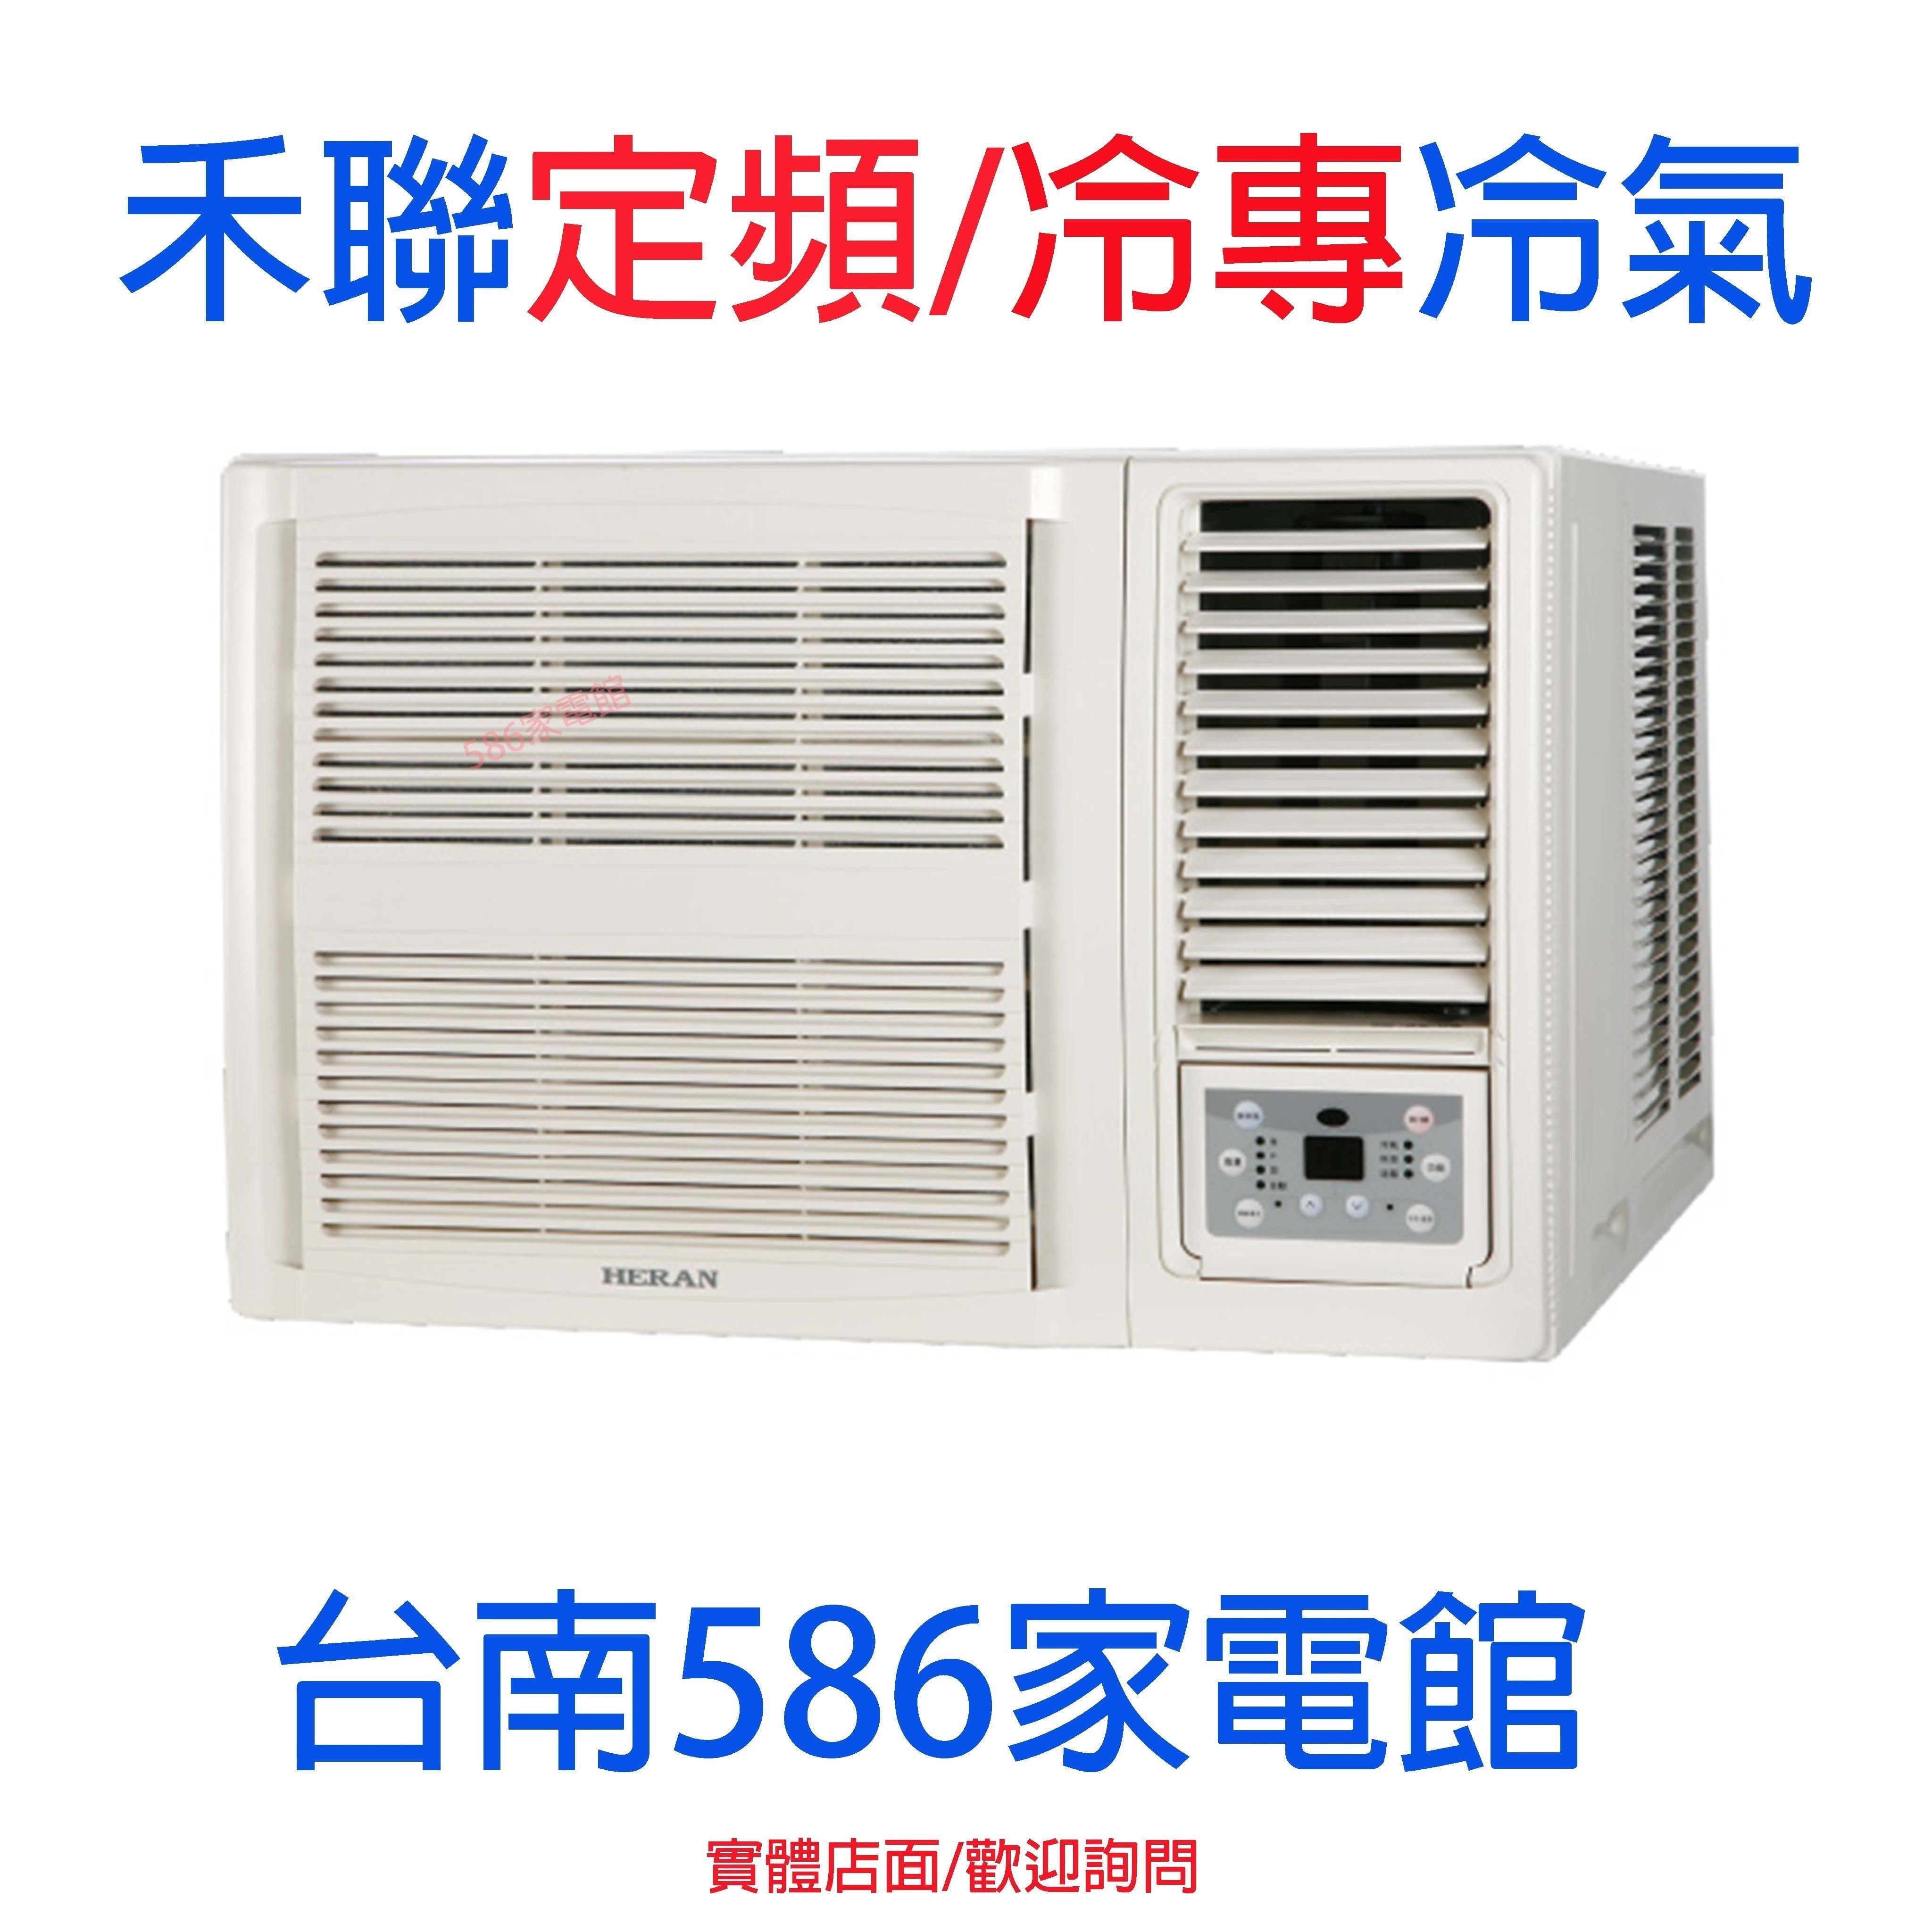 約9-11坪.送安裝~《台南586家電館》HERAN禾聯窗型定頻/冷專冷氣機【HW-56P5】